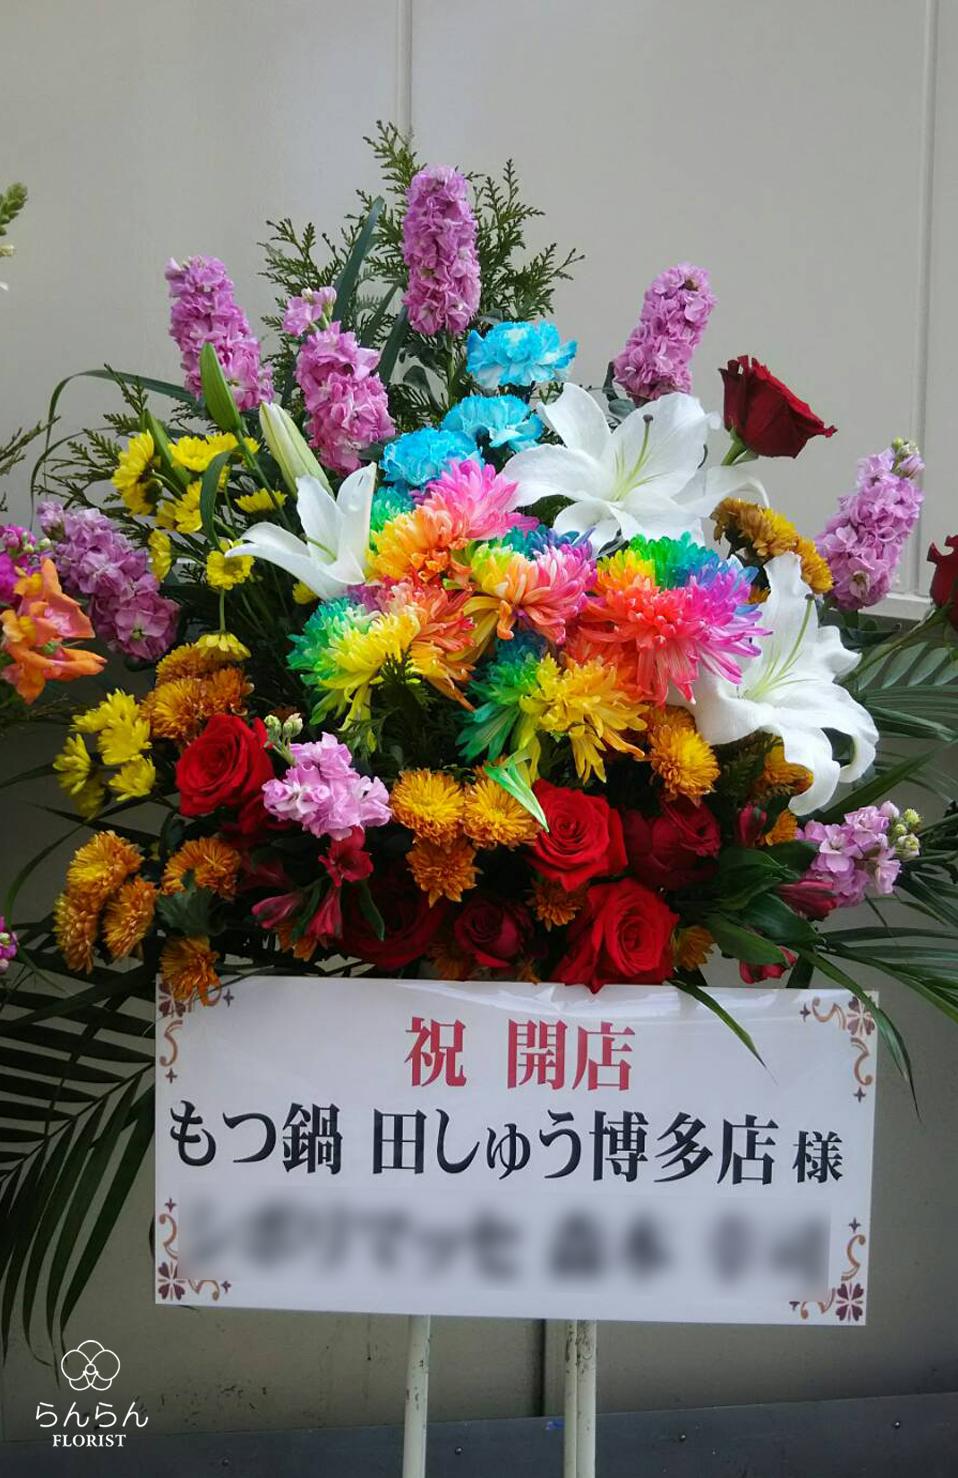 和牛もつ鍋専門店『田しゅう』博多店 スタンド花